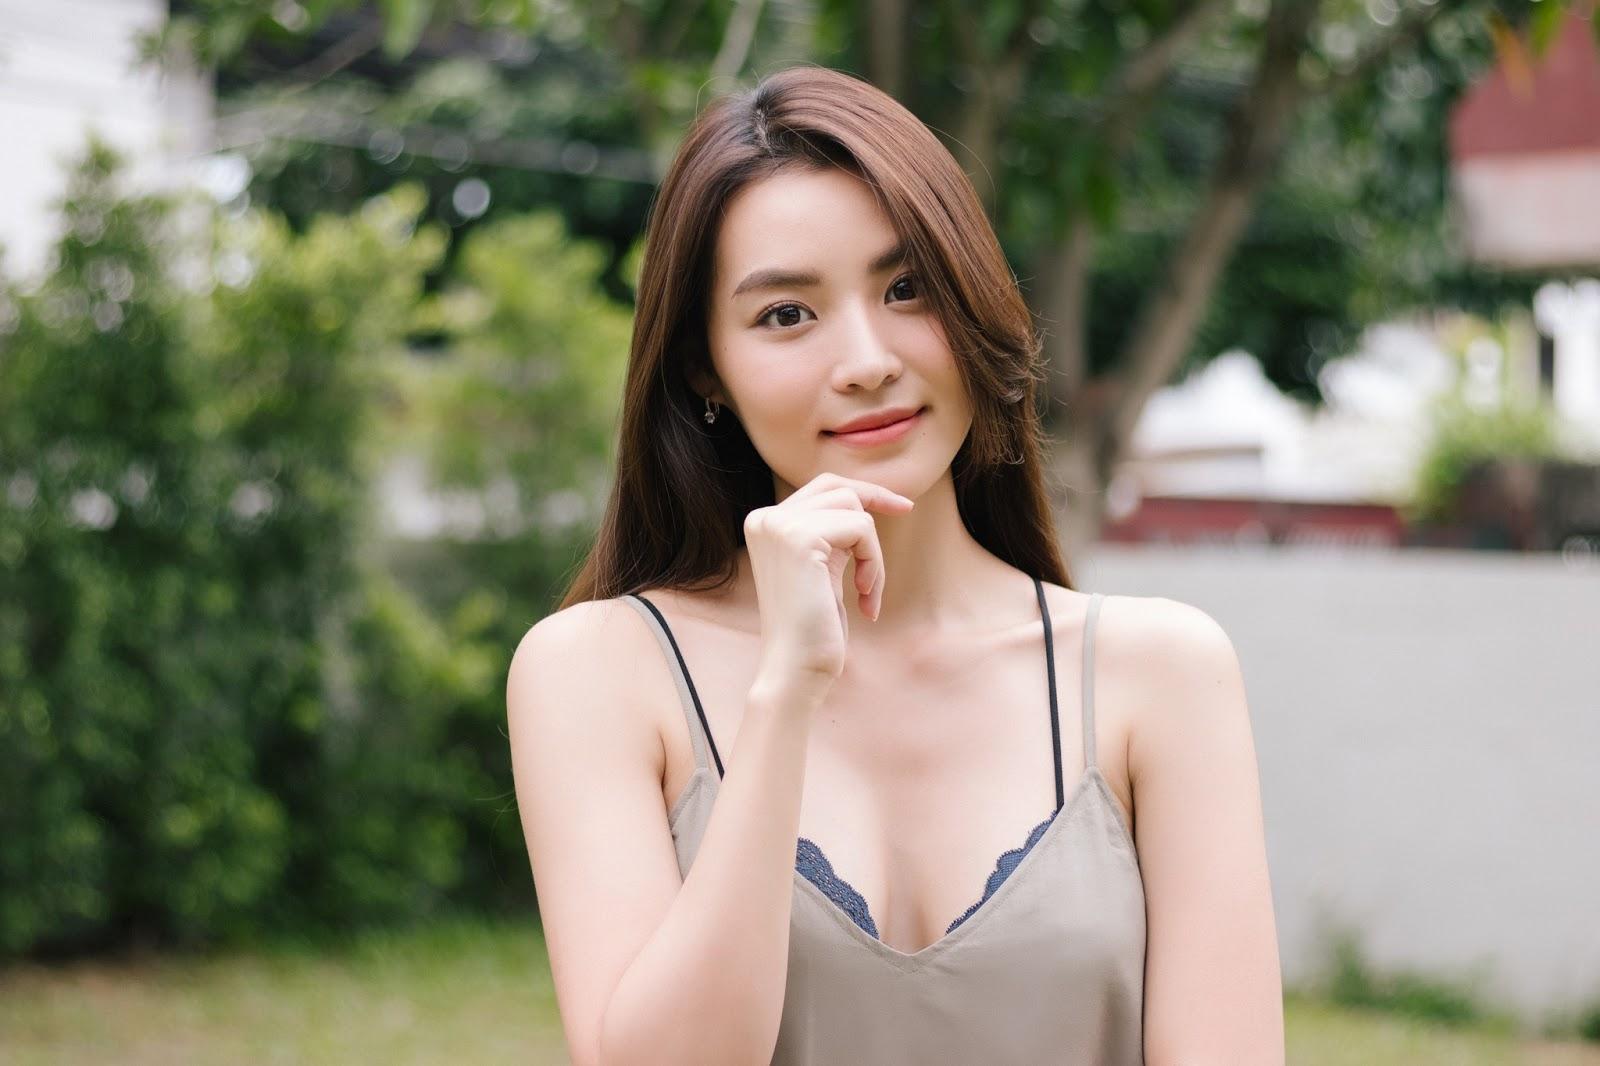 Kapook Phatchara Biểu tượng vẻ đẹp mới showbiz Thái lan